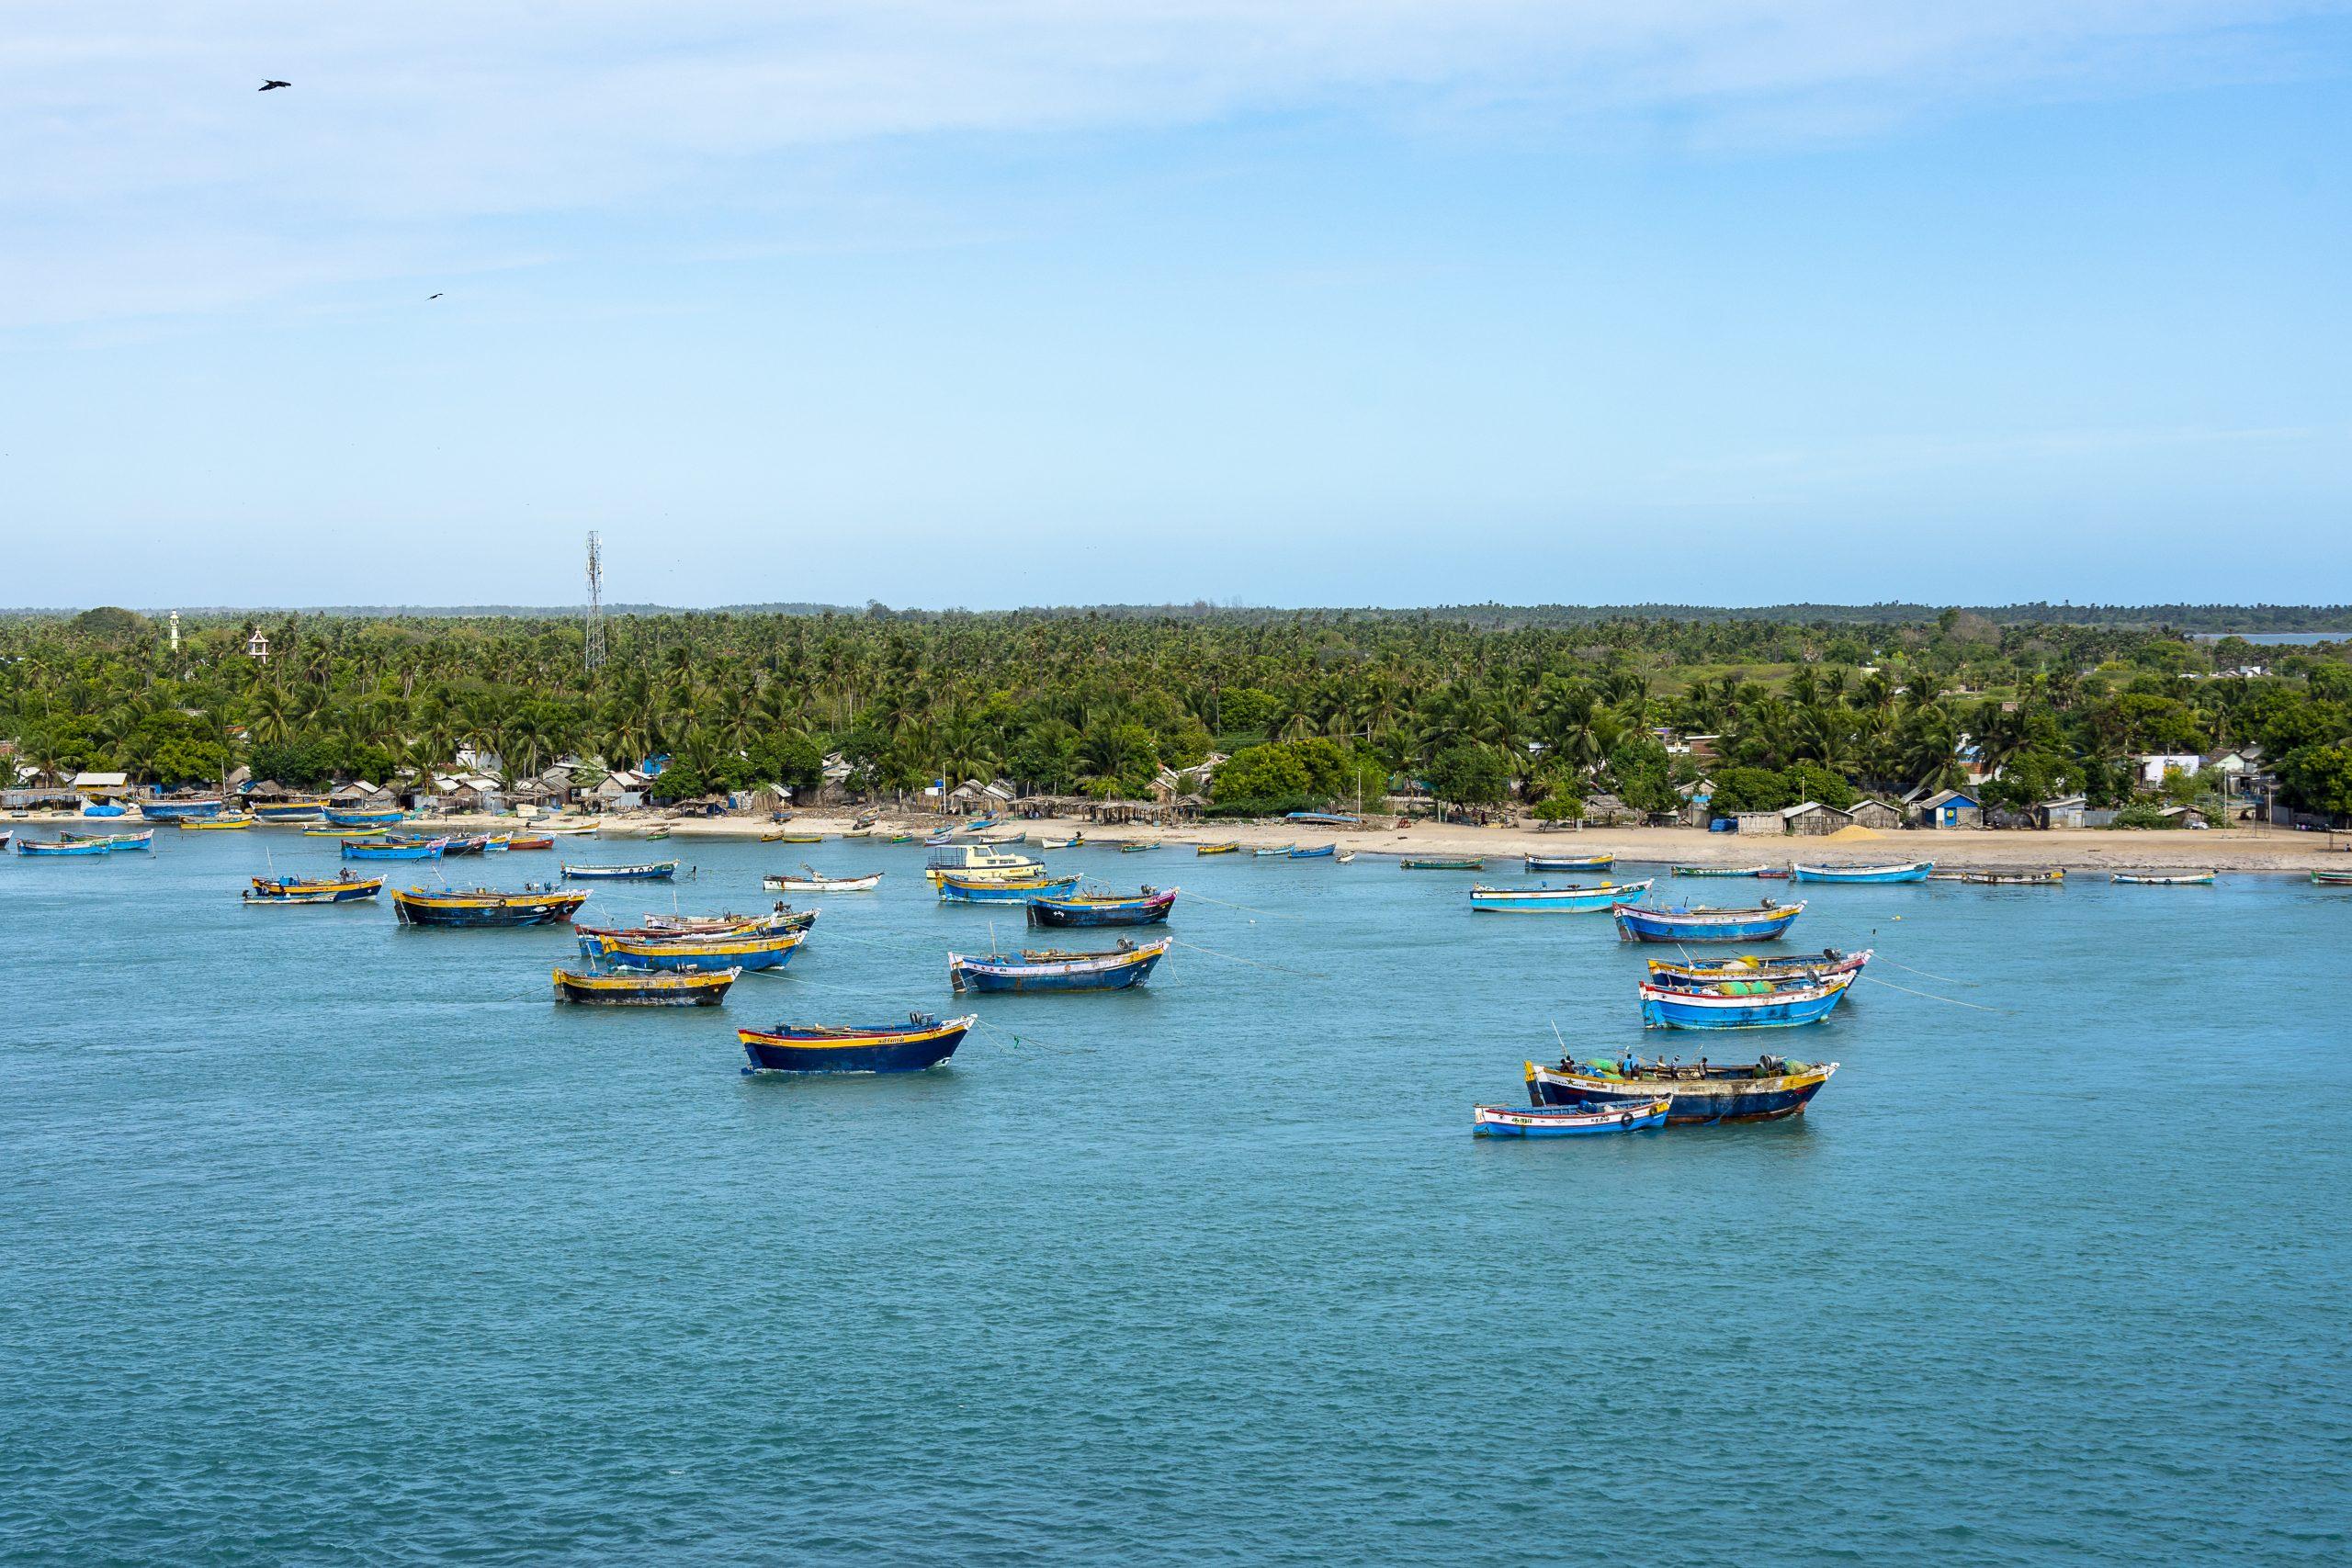 Boats in the sea in Rameswaram